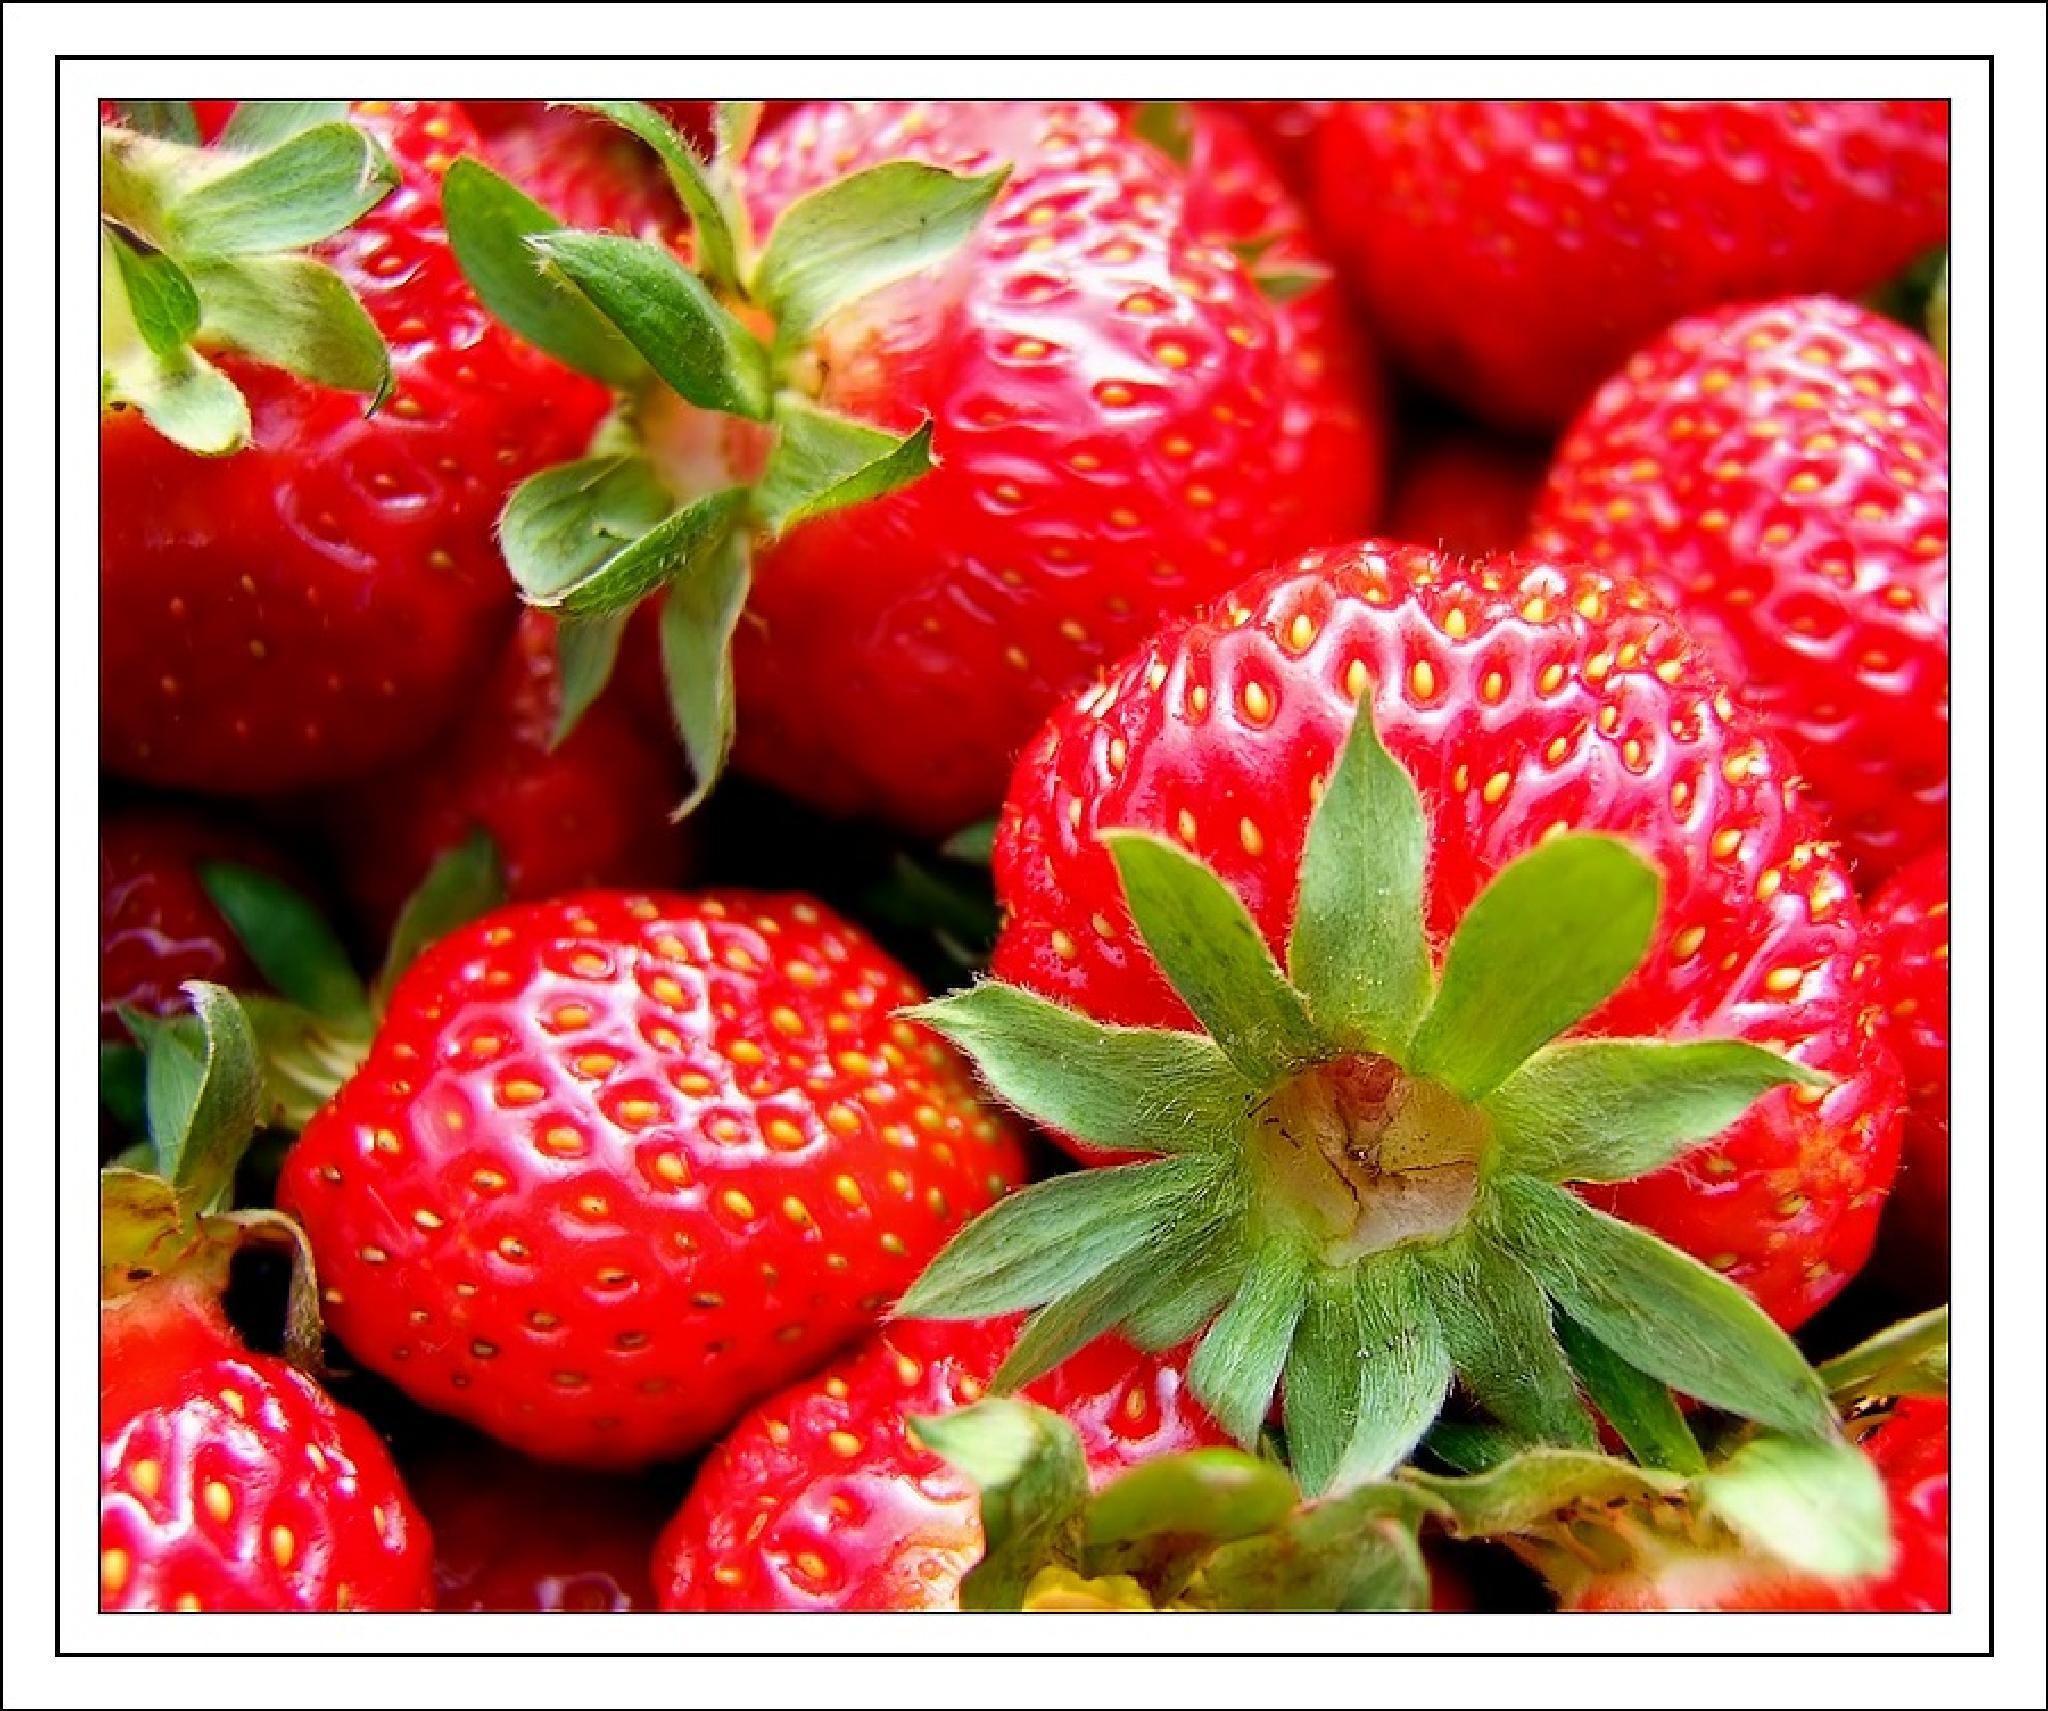 Strawberries  by johannes.steingrimsson